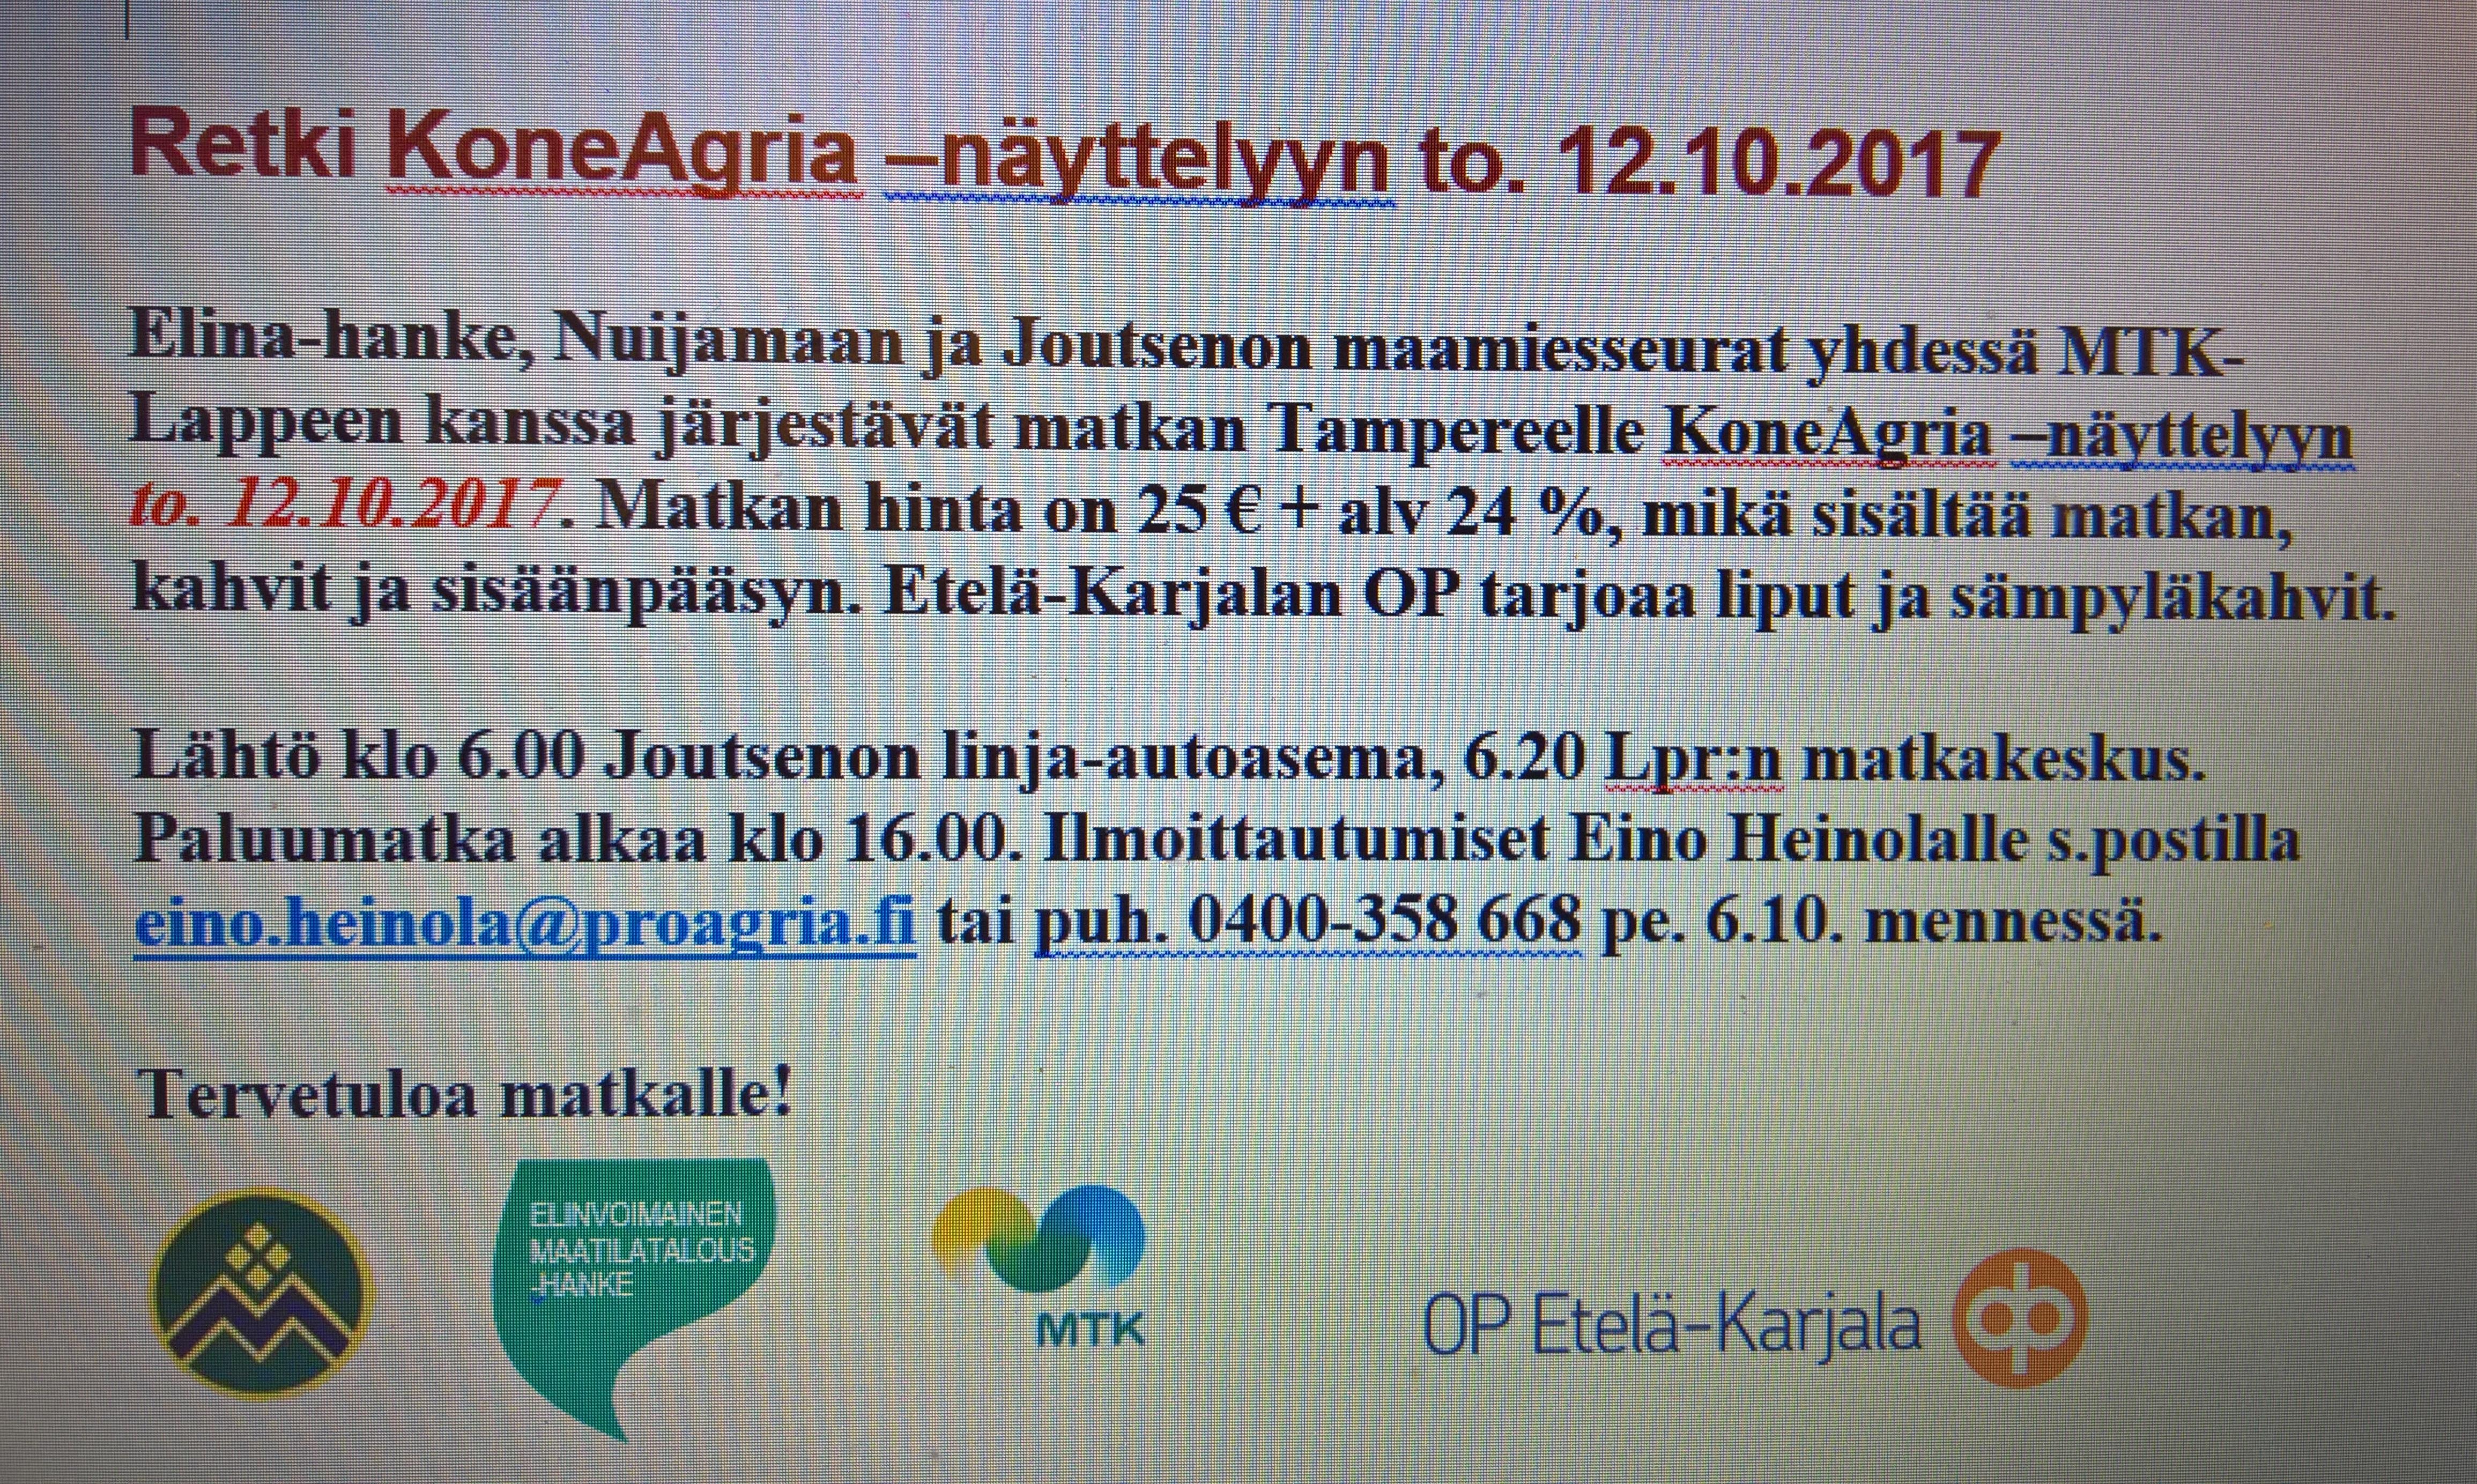 KoneAgria 12.10.2017 näyttelymatka